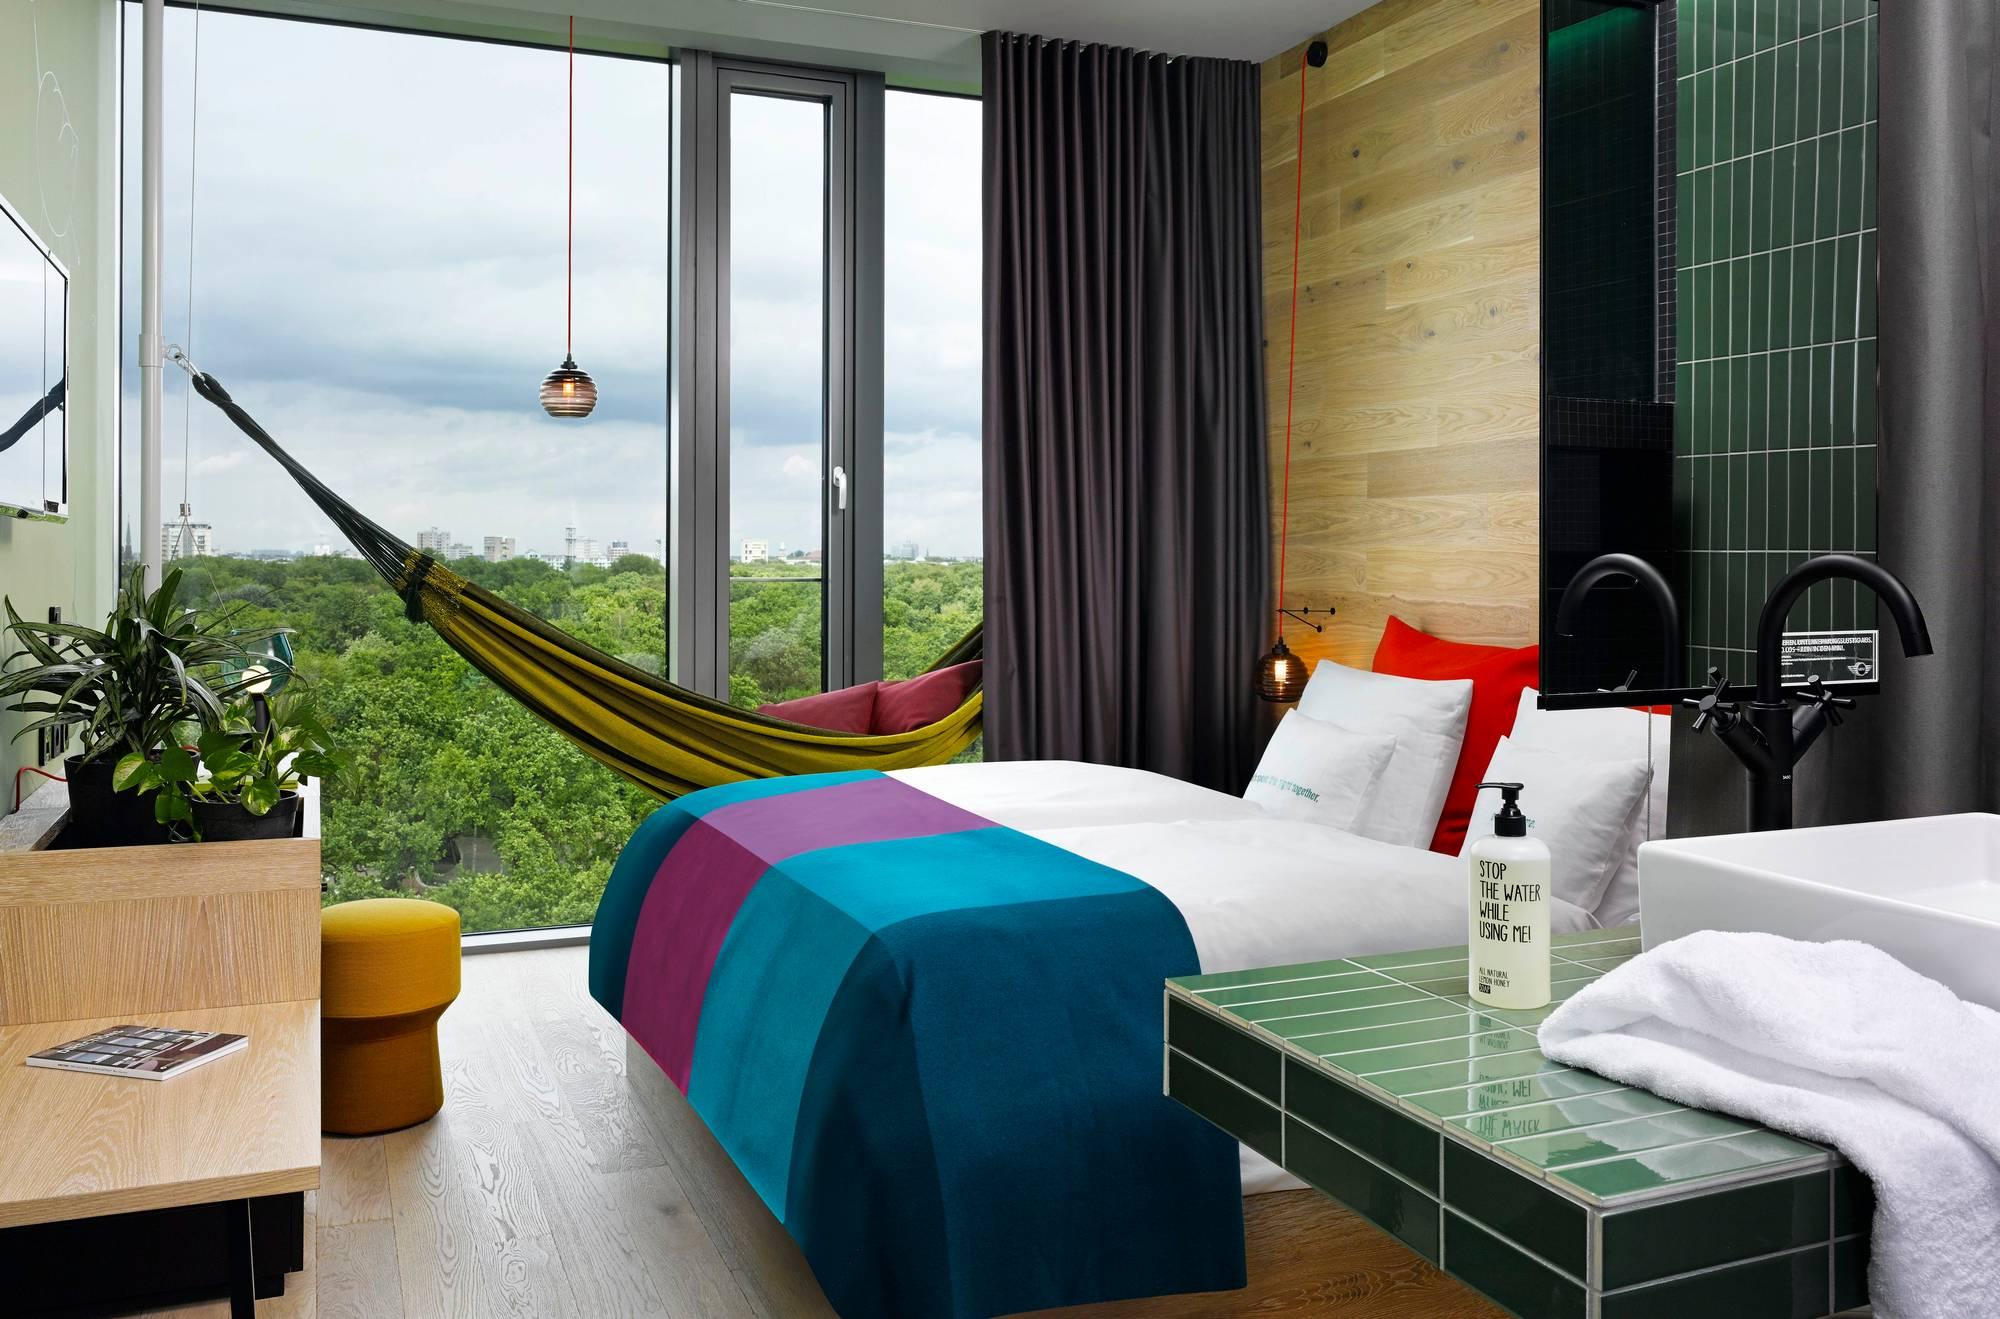 25hours-hotellin sänky on kutsuva, mutta siellä voisi nukkua myös riippukeinussa.